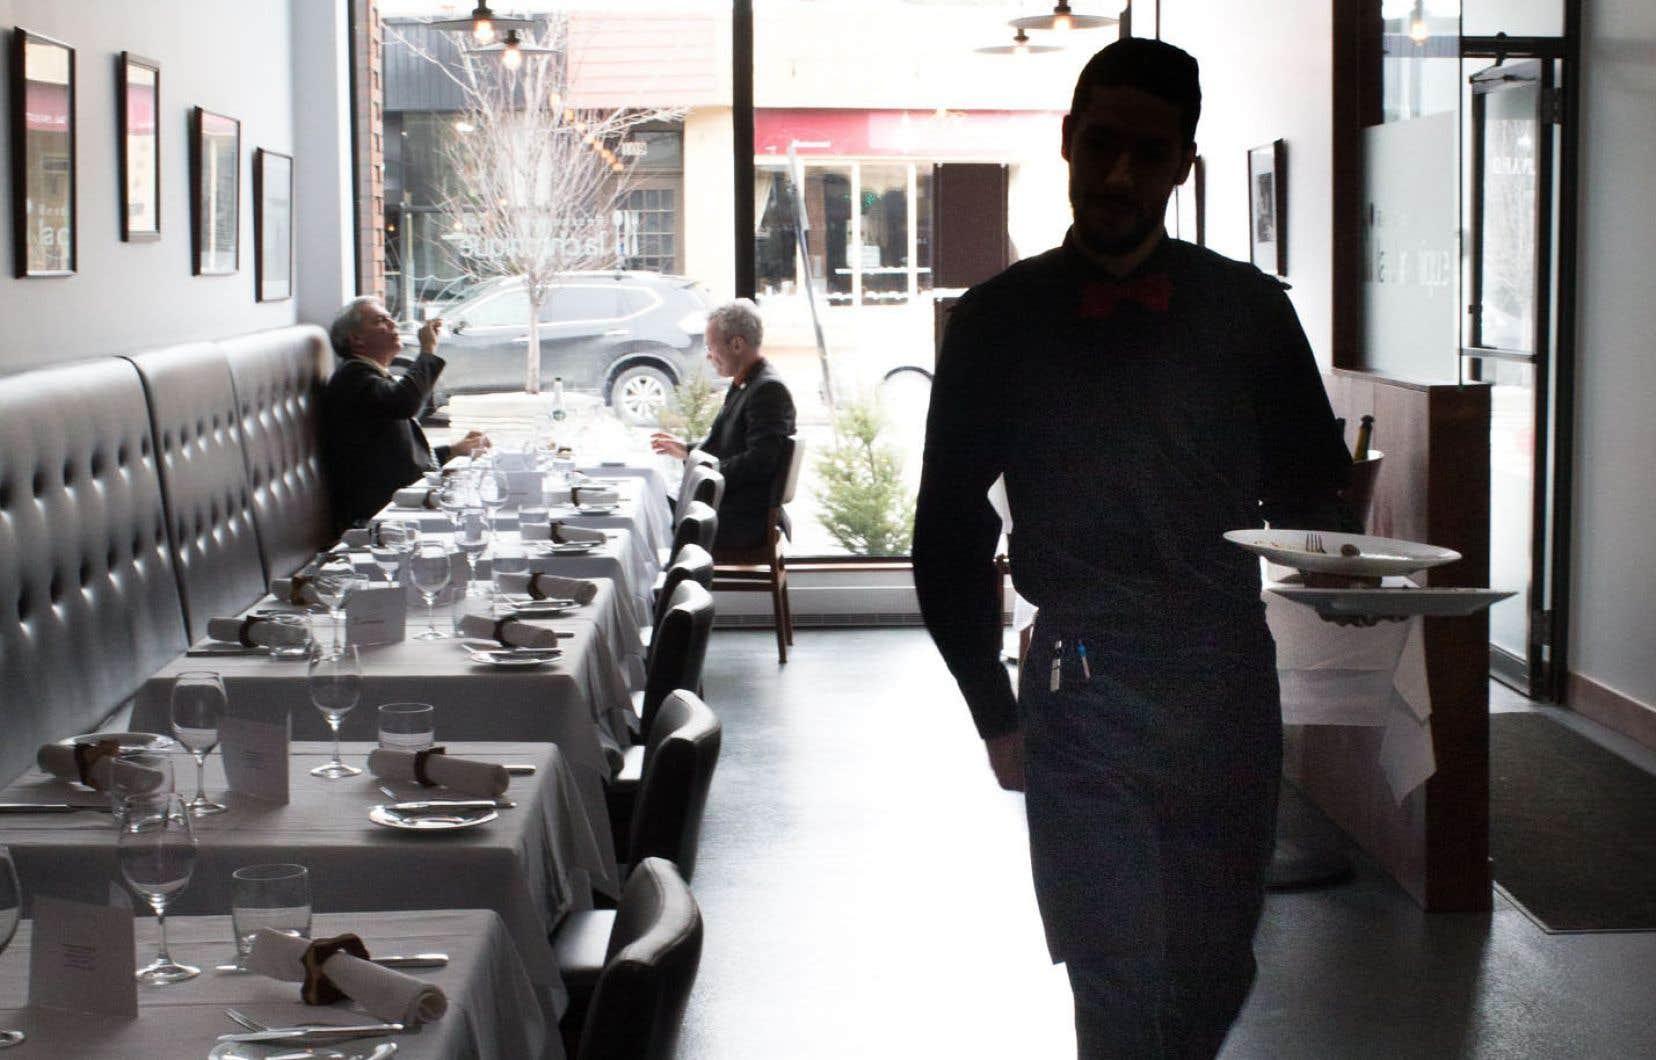 Les restaurants ont besoin de pourvoir des milliers de postes, sans quoi ils doivent limiter leurs heures d'ouverture, a affirmé mardi le président de l'Association Restauration Québec.